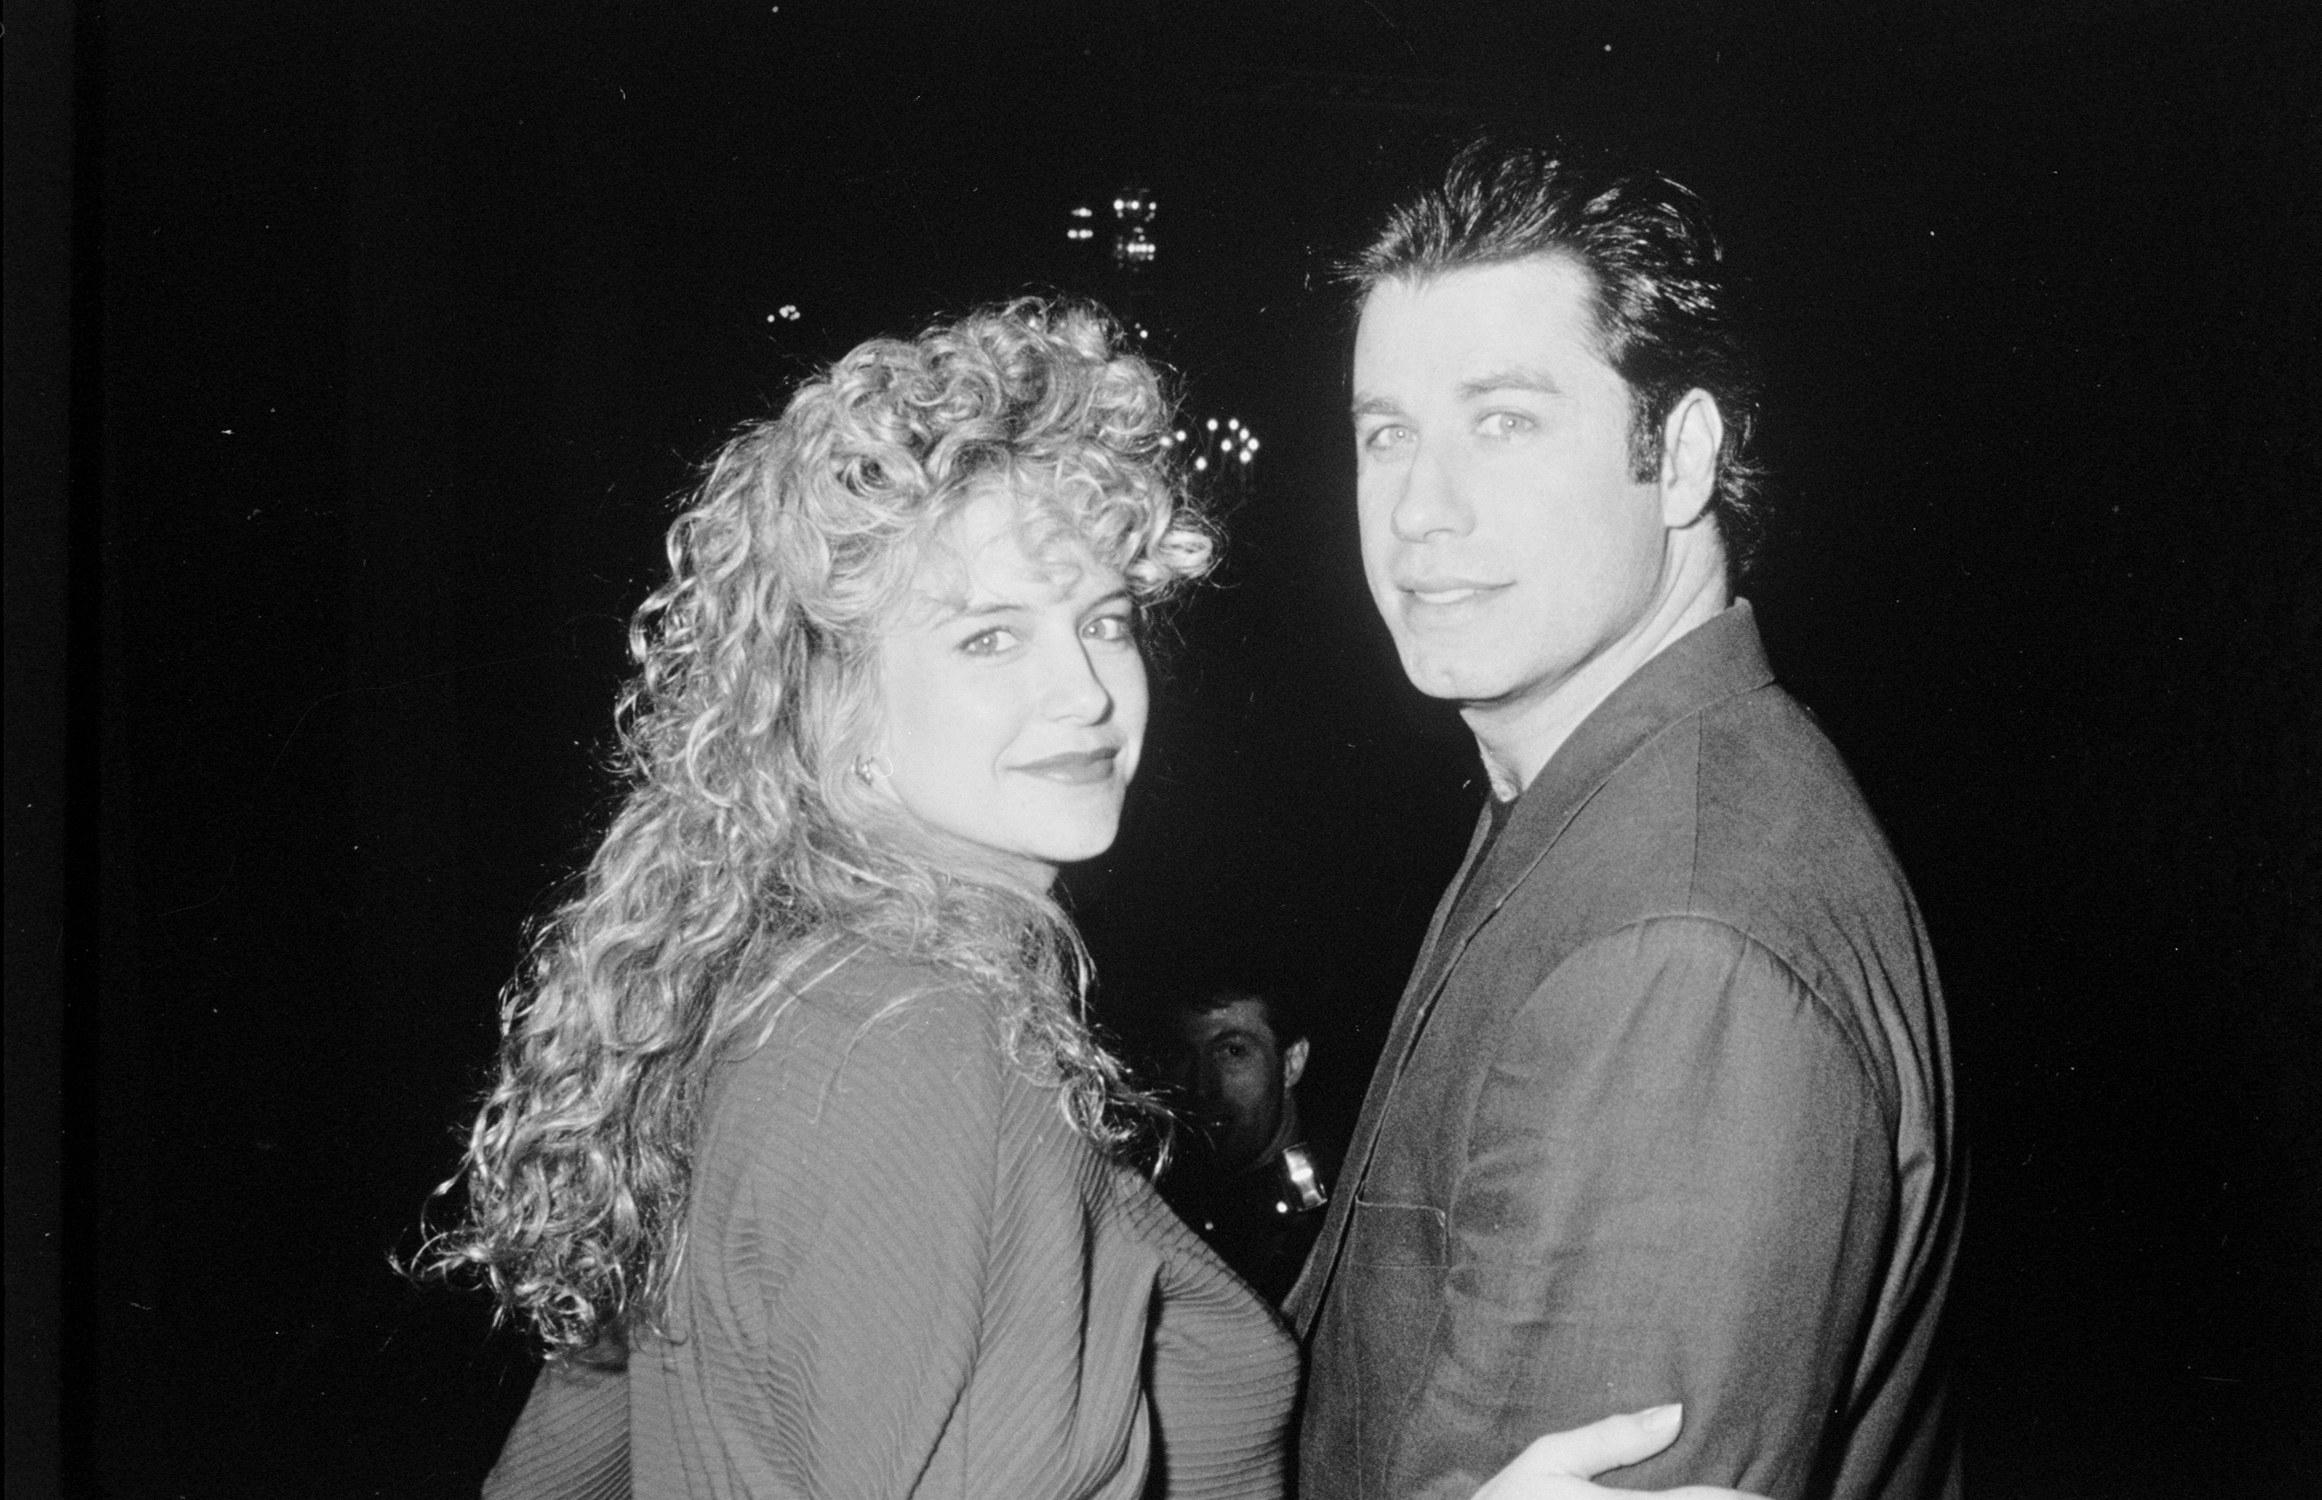 Preston holding on to the arm of John Travolta